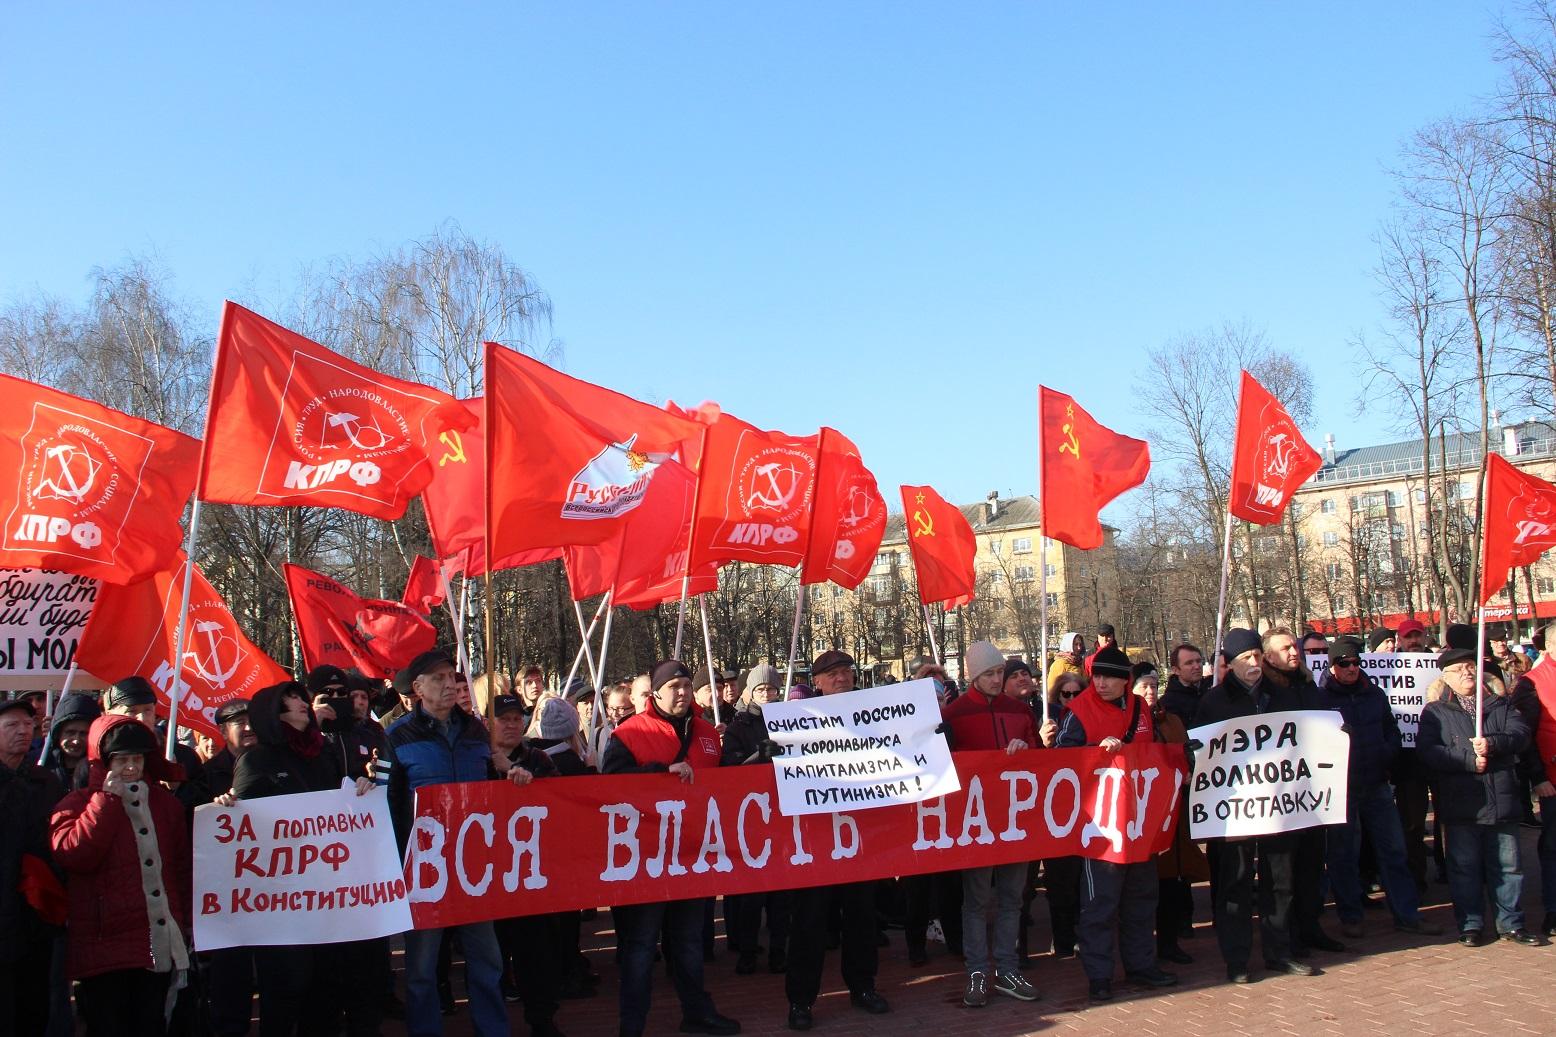 Митинг КПРФ. Ярославль 22.02.2020 (видео)